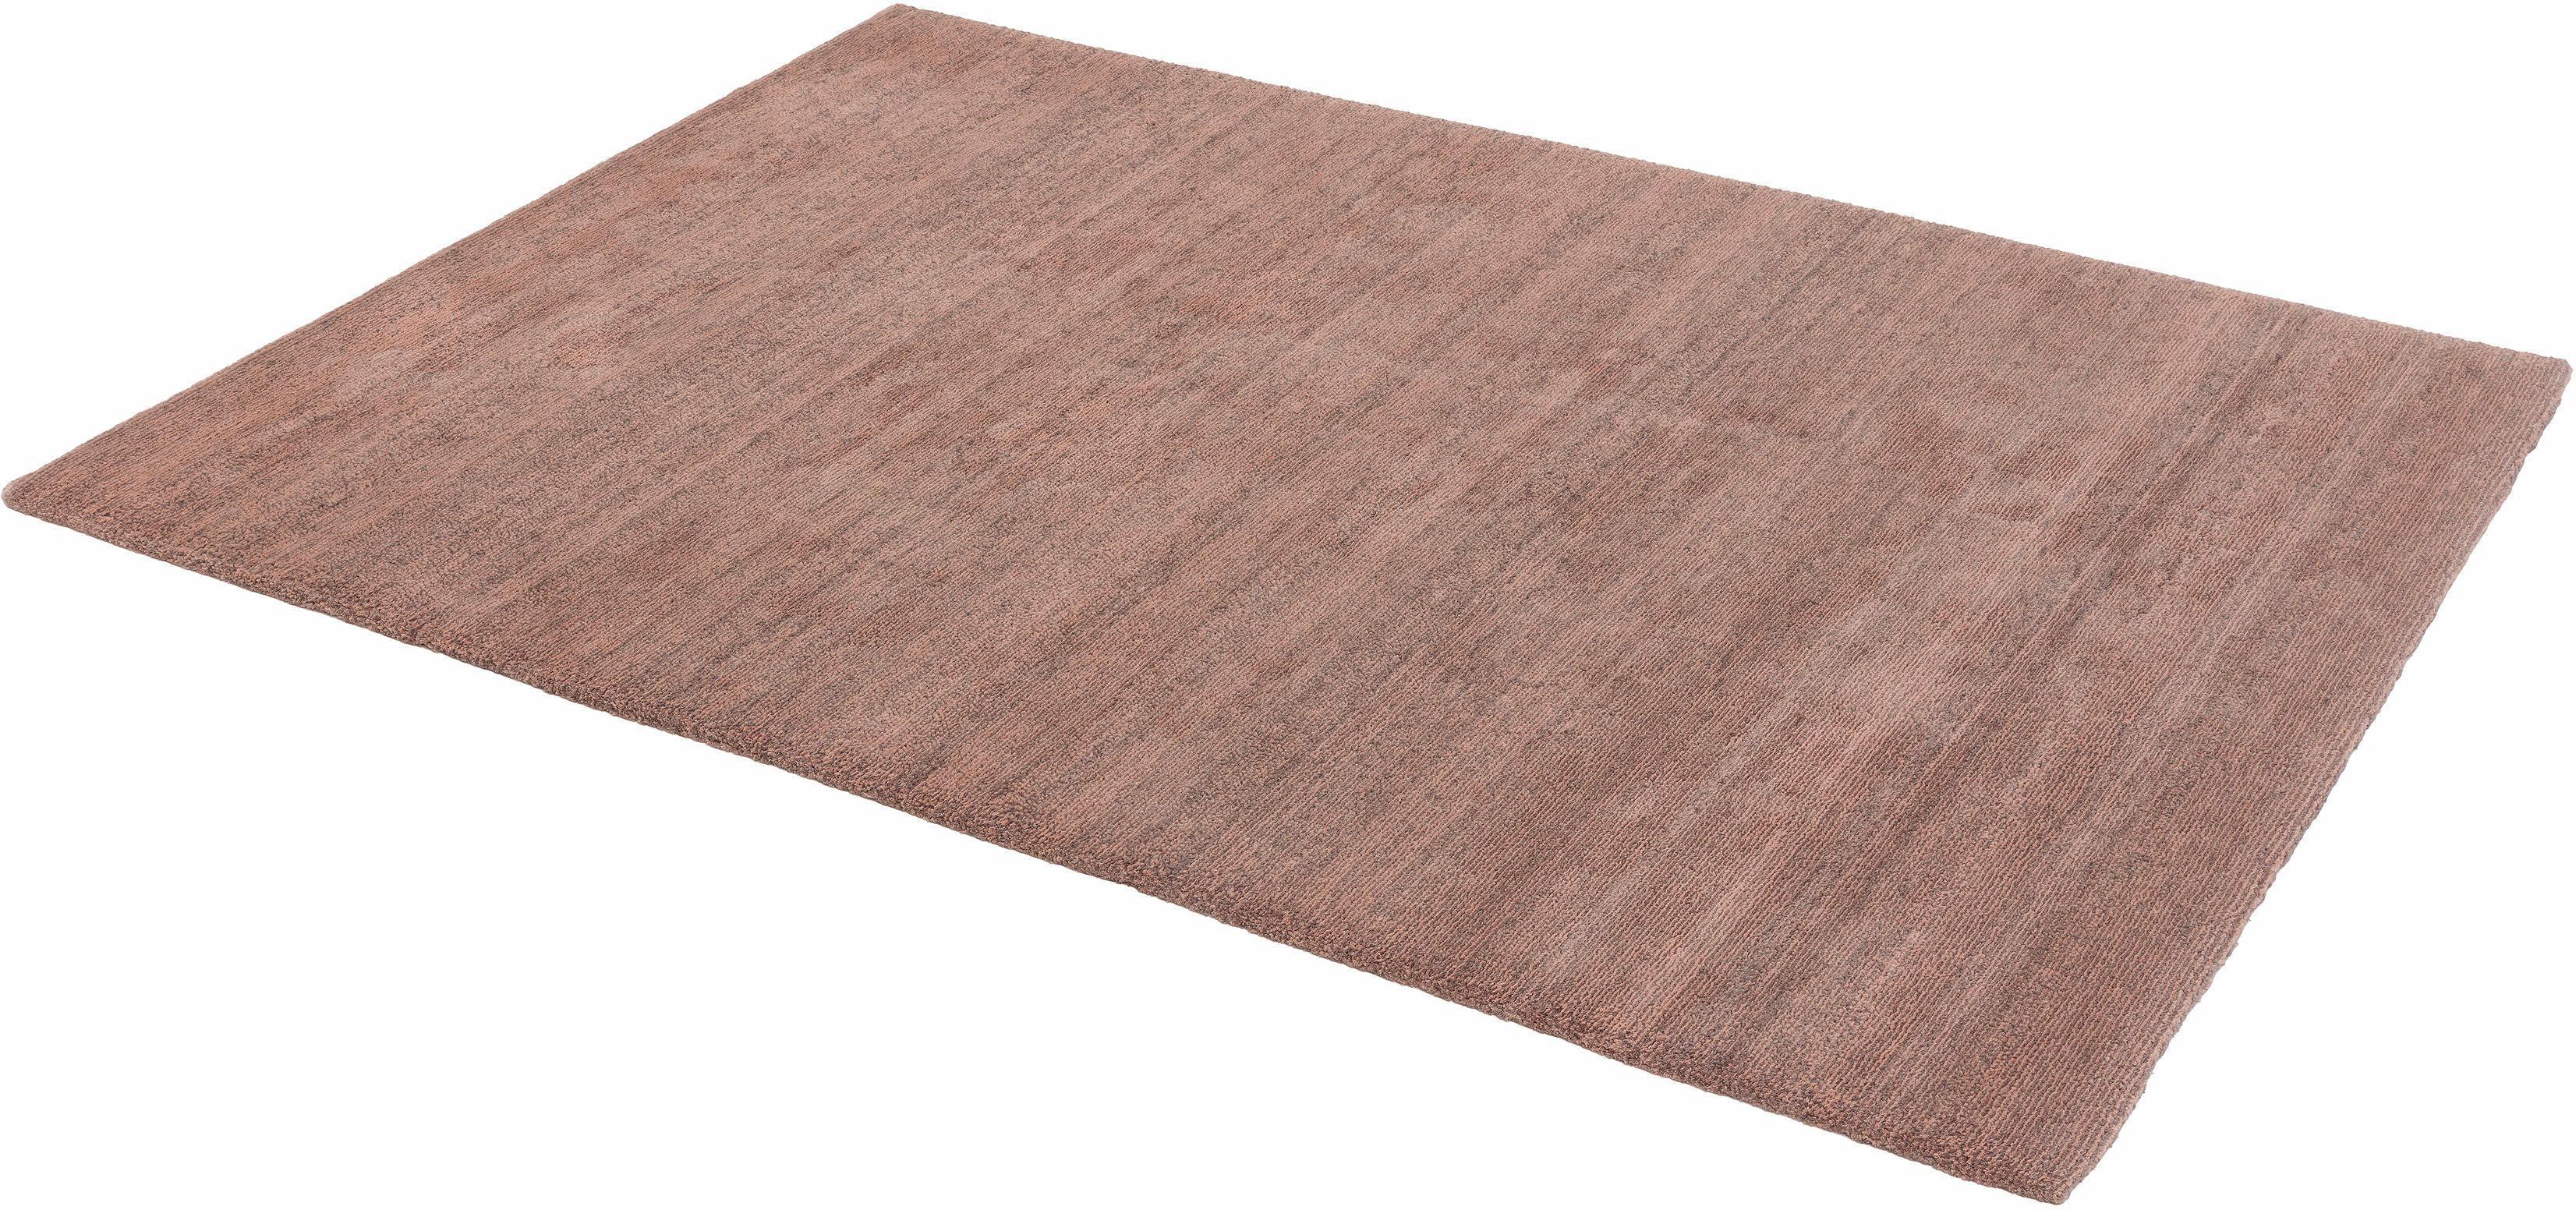 Teppich Victoria Deluxe SCHÖNER WOHNEN-Kollektion rechteckig Höhe 18 mm maschinell getuftet